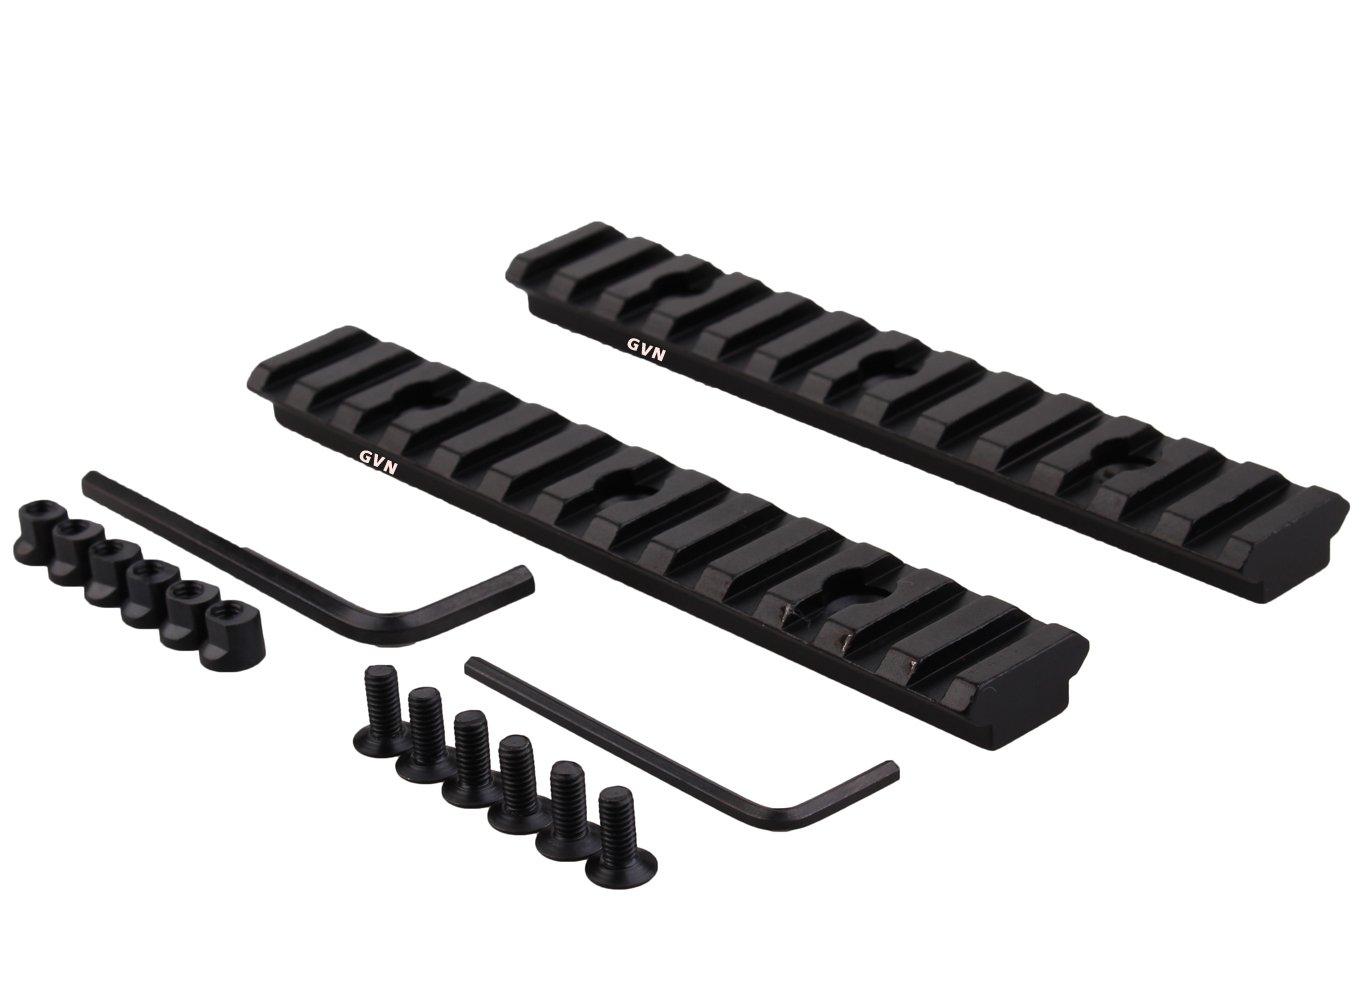 Keymod Picatinny Rail Section 5.2 Inch/13 Slot Picatinny/Weaver Rail (2 Pieces Matte black)